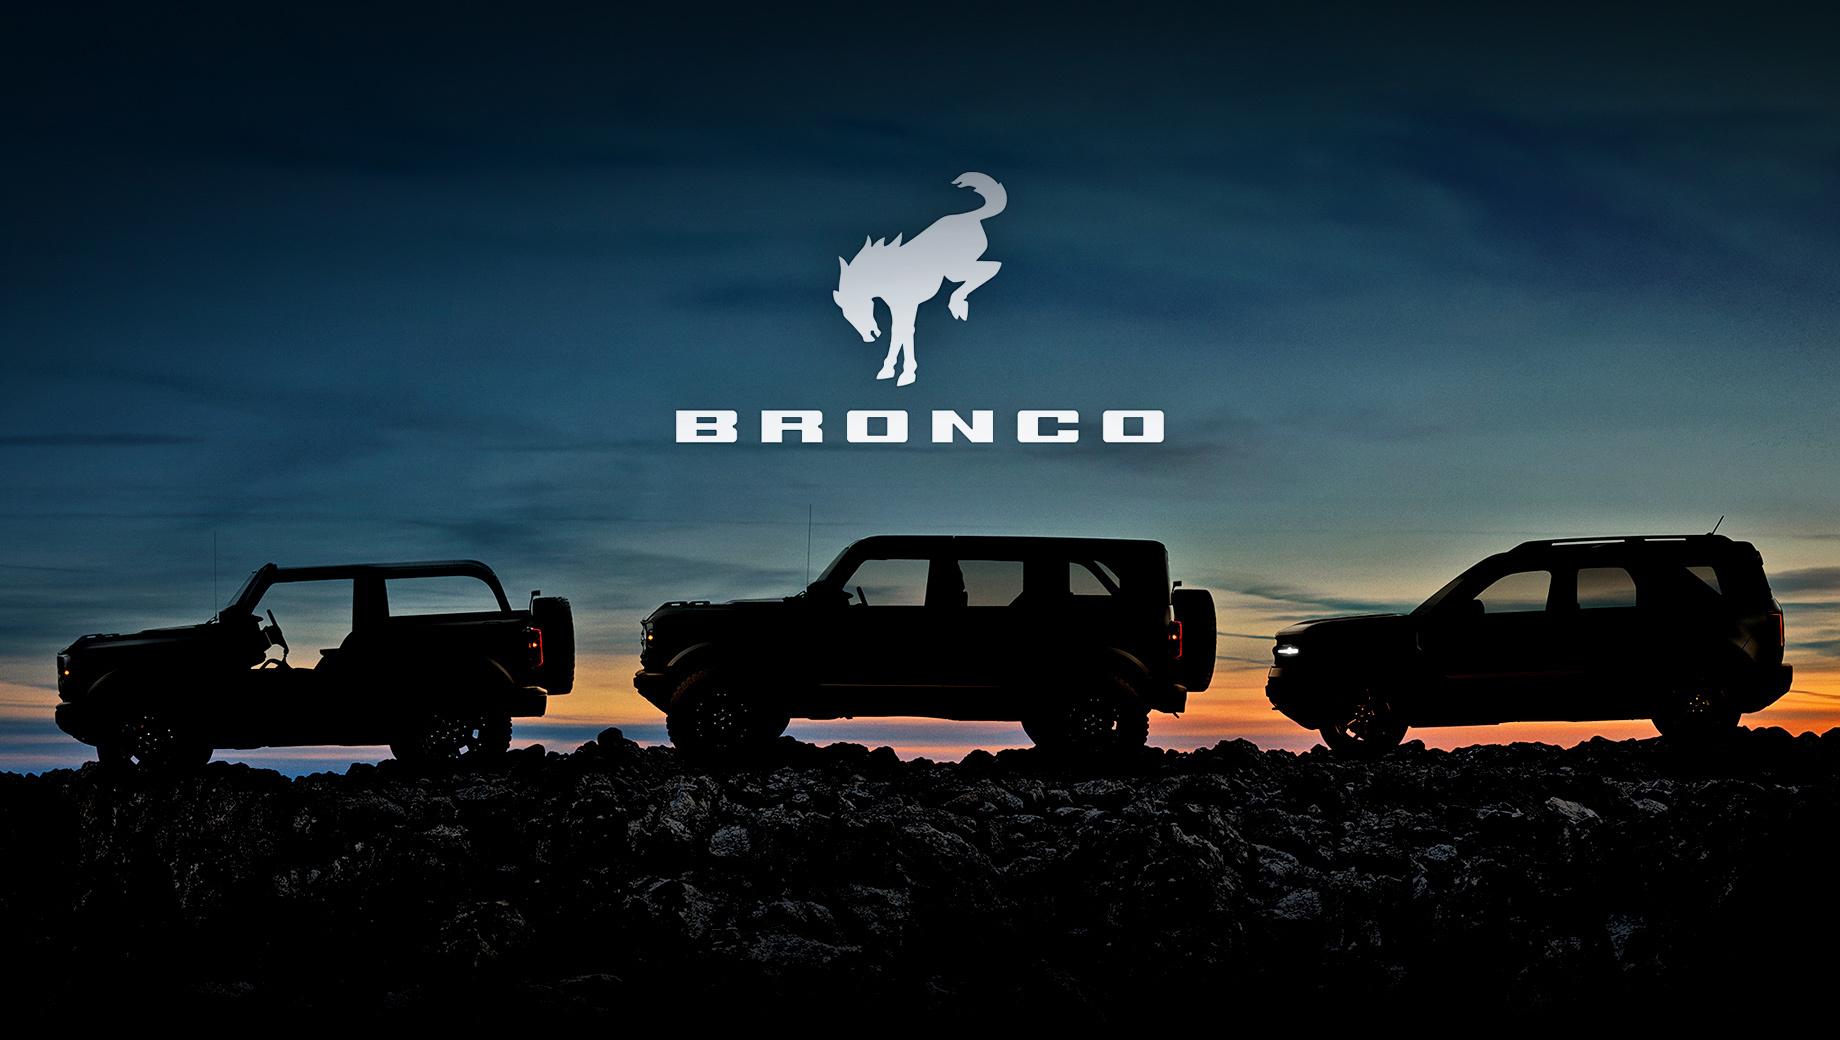 Ford bronco. Фордовцы хотят сделать возрождённое семейство Bronco таким же культовым, какой была оригинальная модель. На это будут работать олдскульный дизайн, онлайн-комьюнити Bronco Nation для владельцев и фанатов и четыре специально организованные площадки в США, где можно будет испытать возможности внедорожников и провести время в кругу семьи или единомышленников.